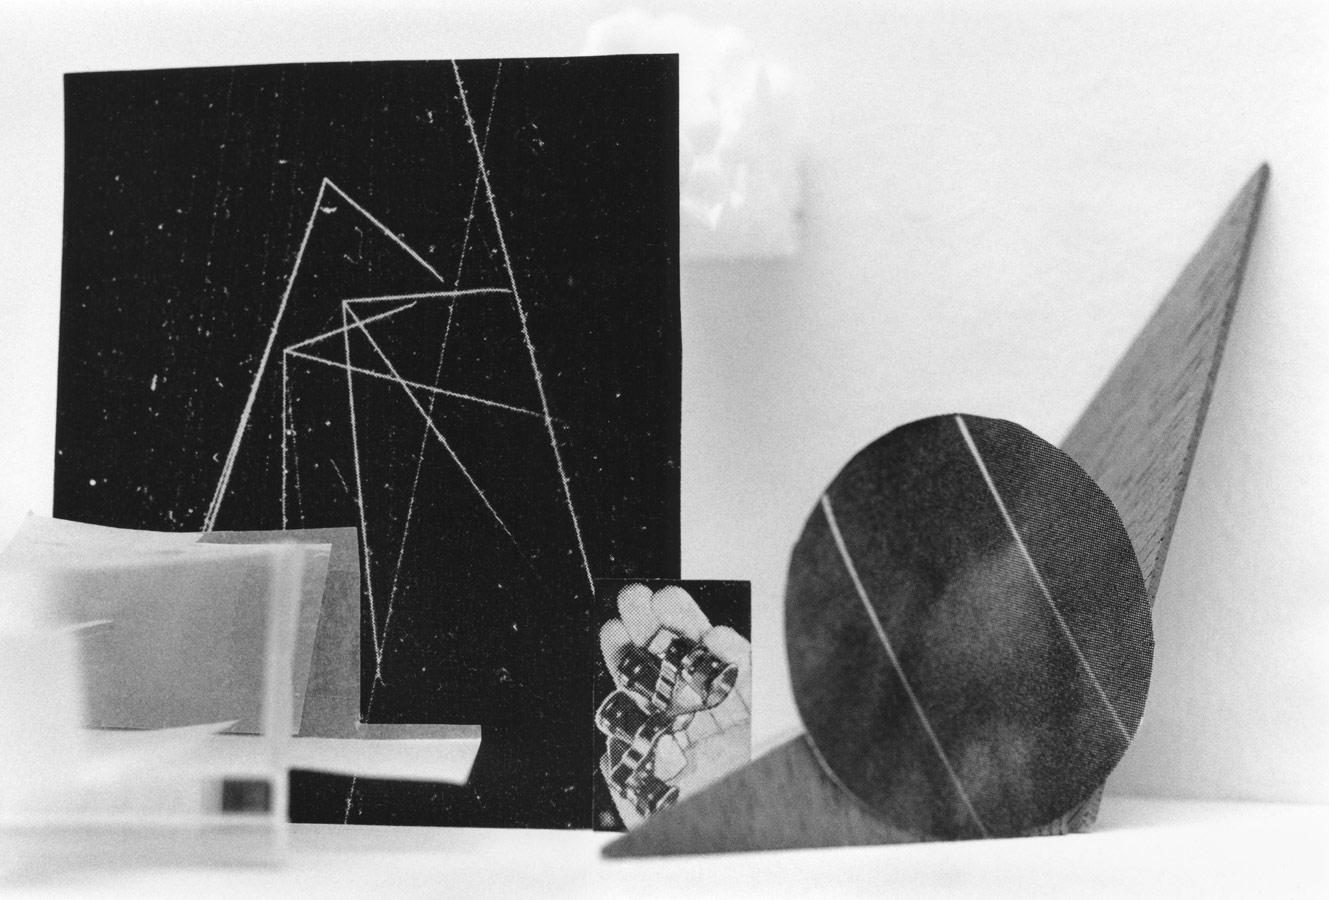 Фотографические объекты без названия, © Джеймс Ридер, Бруклин, США, Победитель категории «Натюрморты», Фотоконкурс PDN Curator Awards